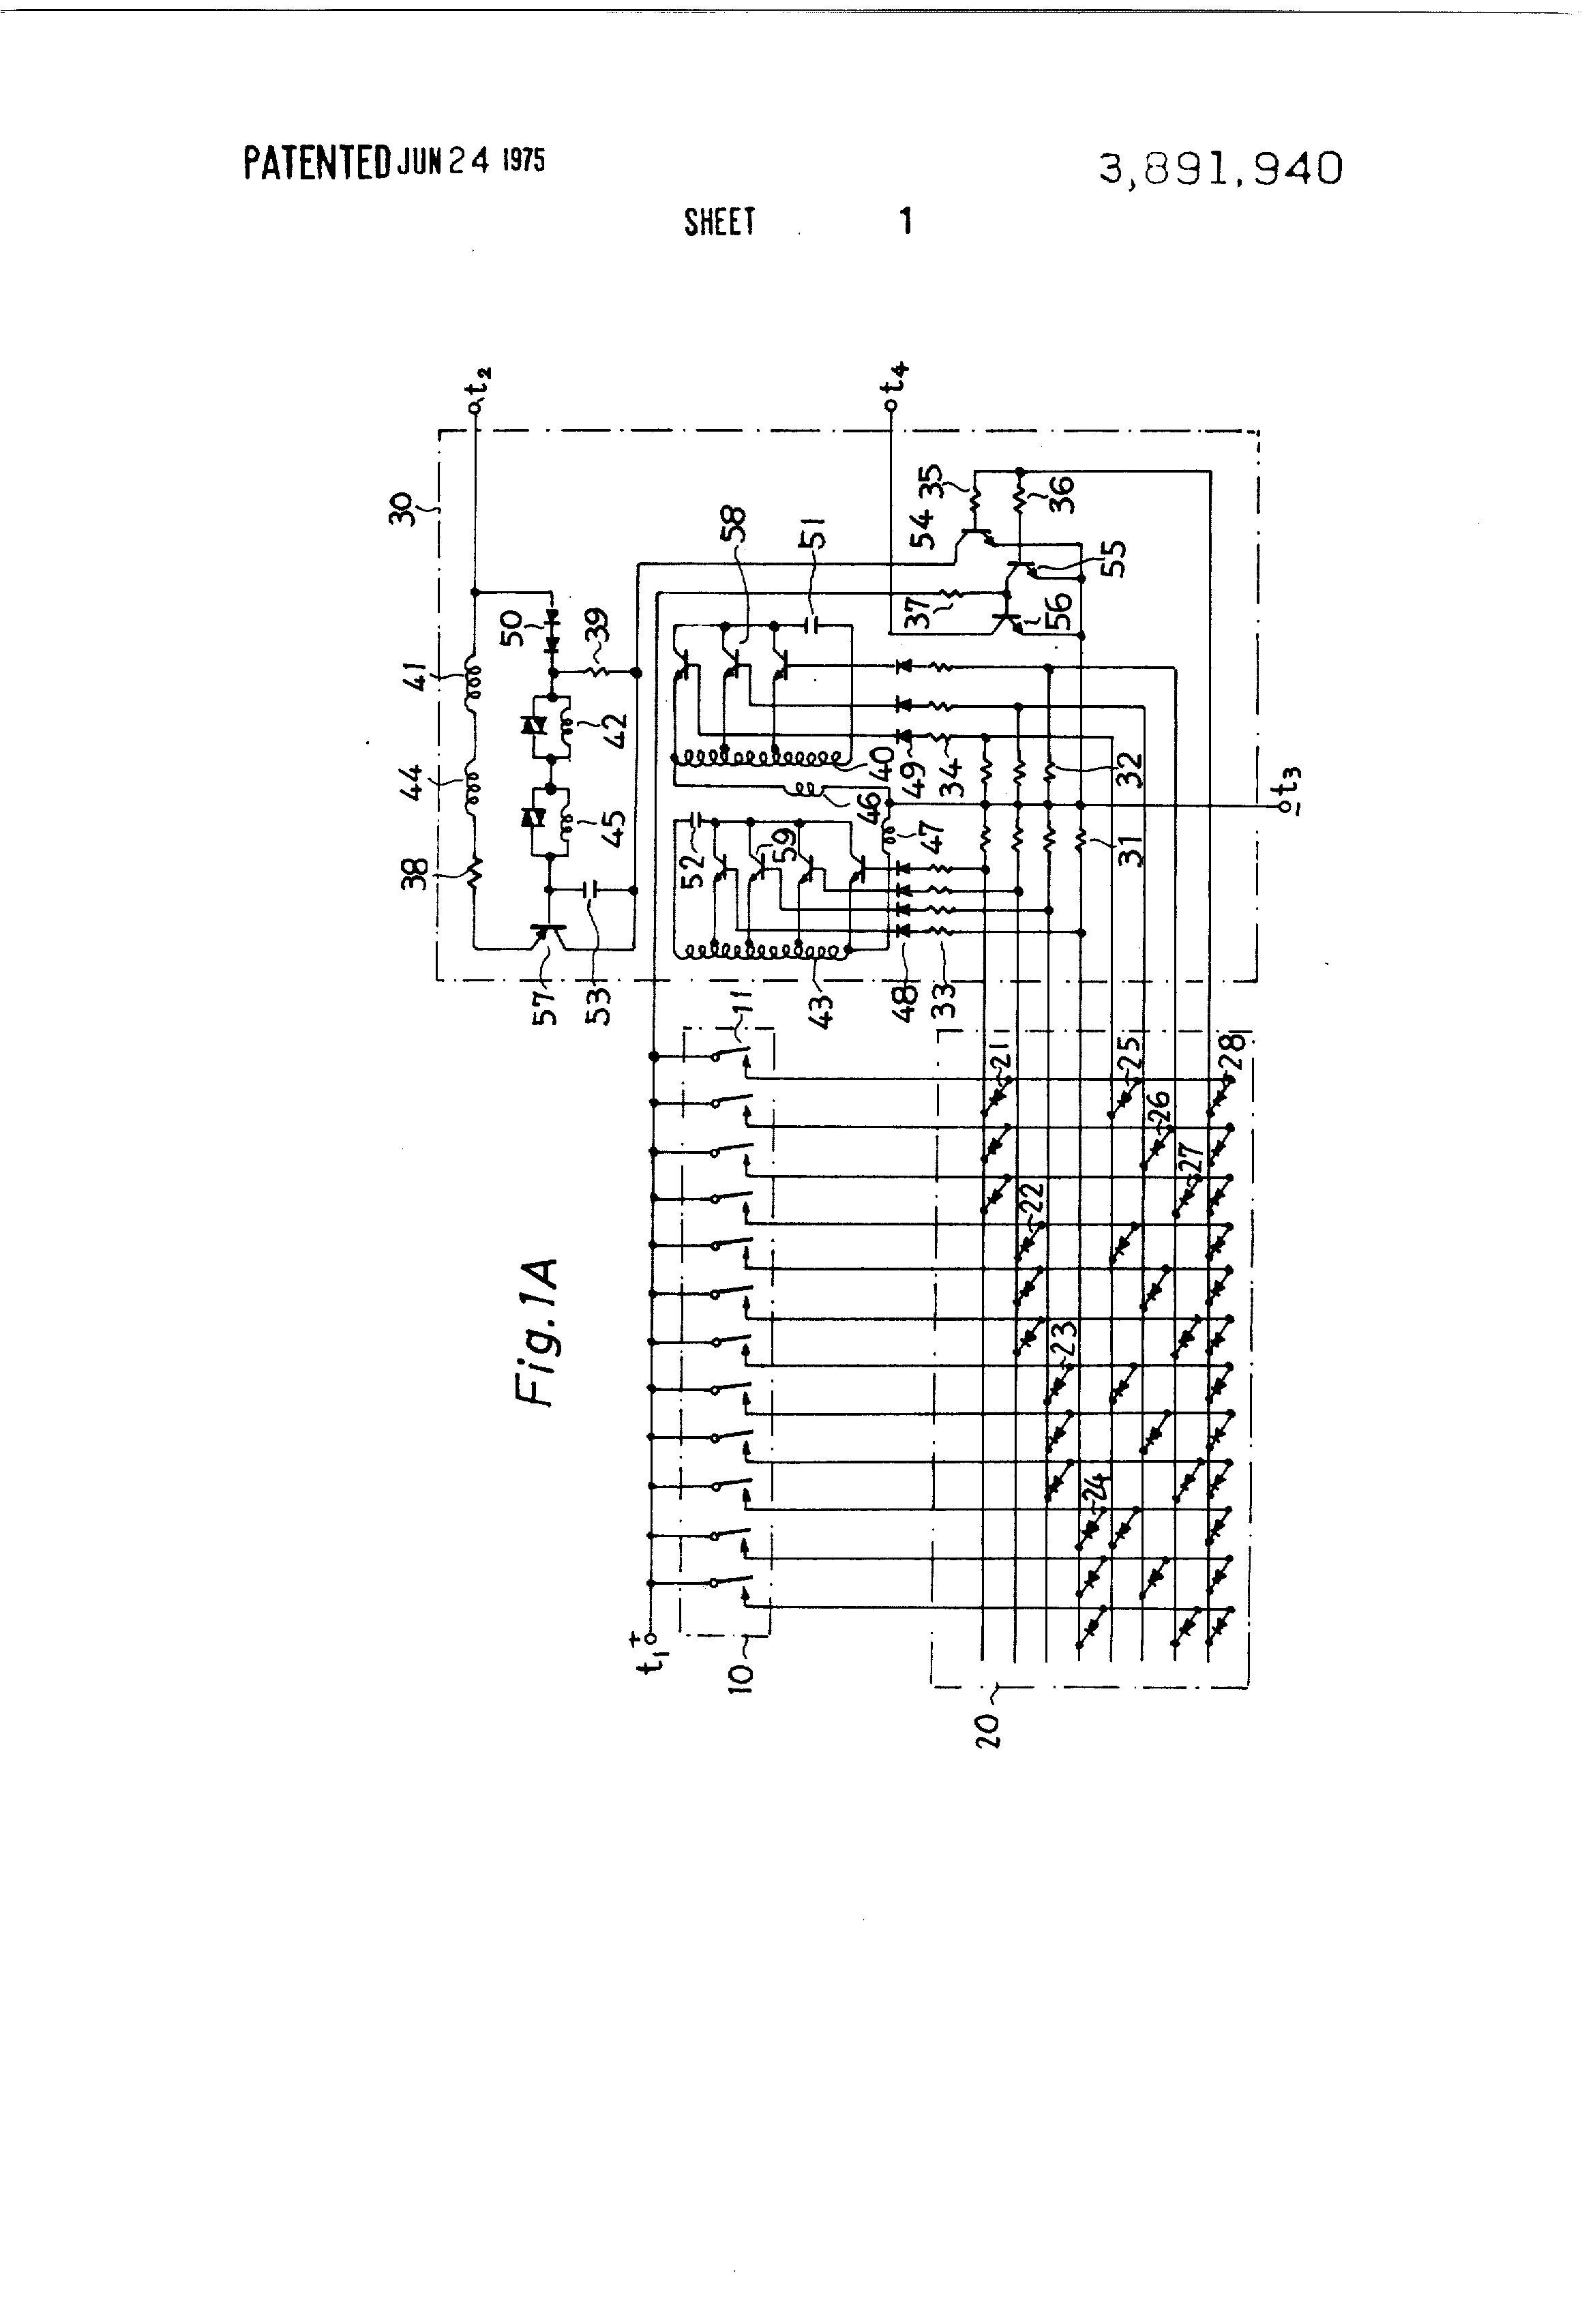 Brevet Us3891940 Two Tone Generator Using Transistors For Circuit Diagram Patent Drawing